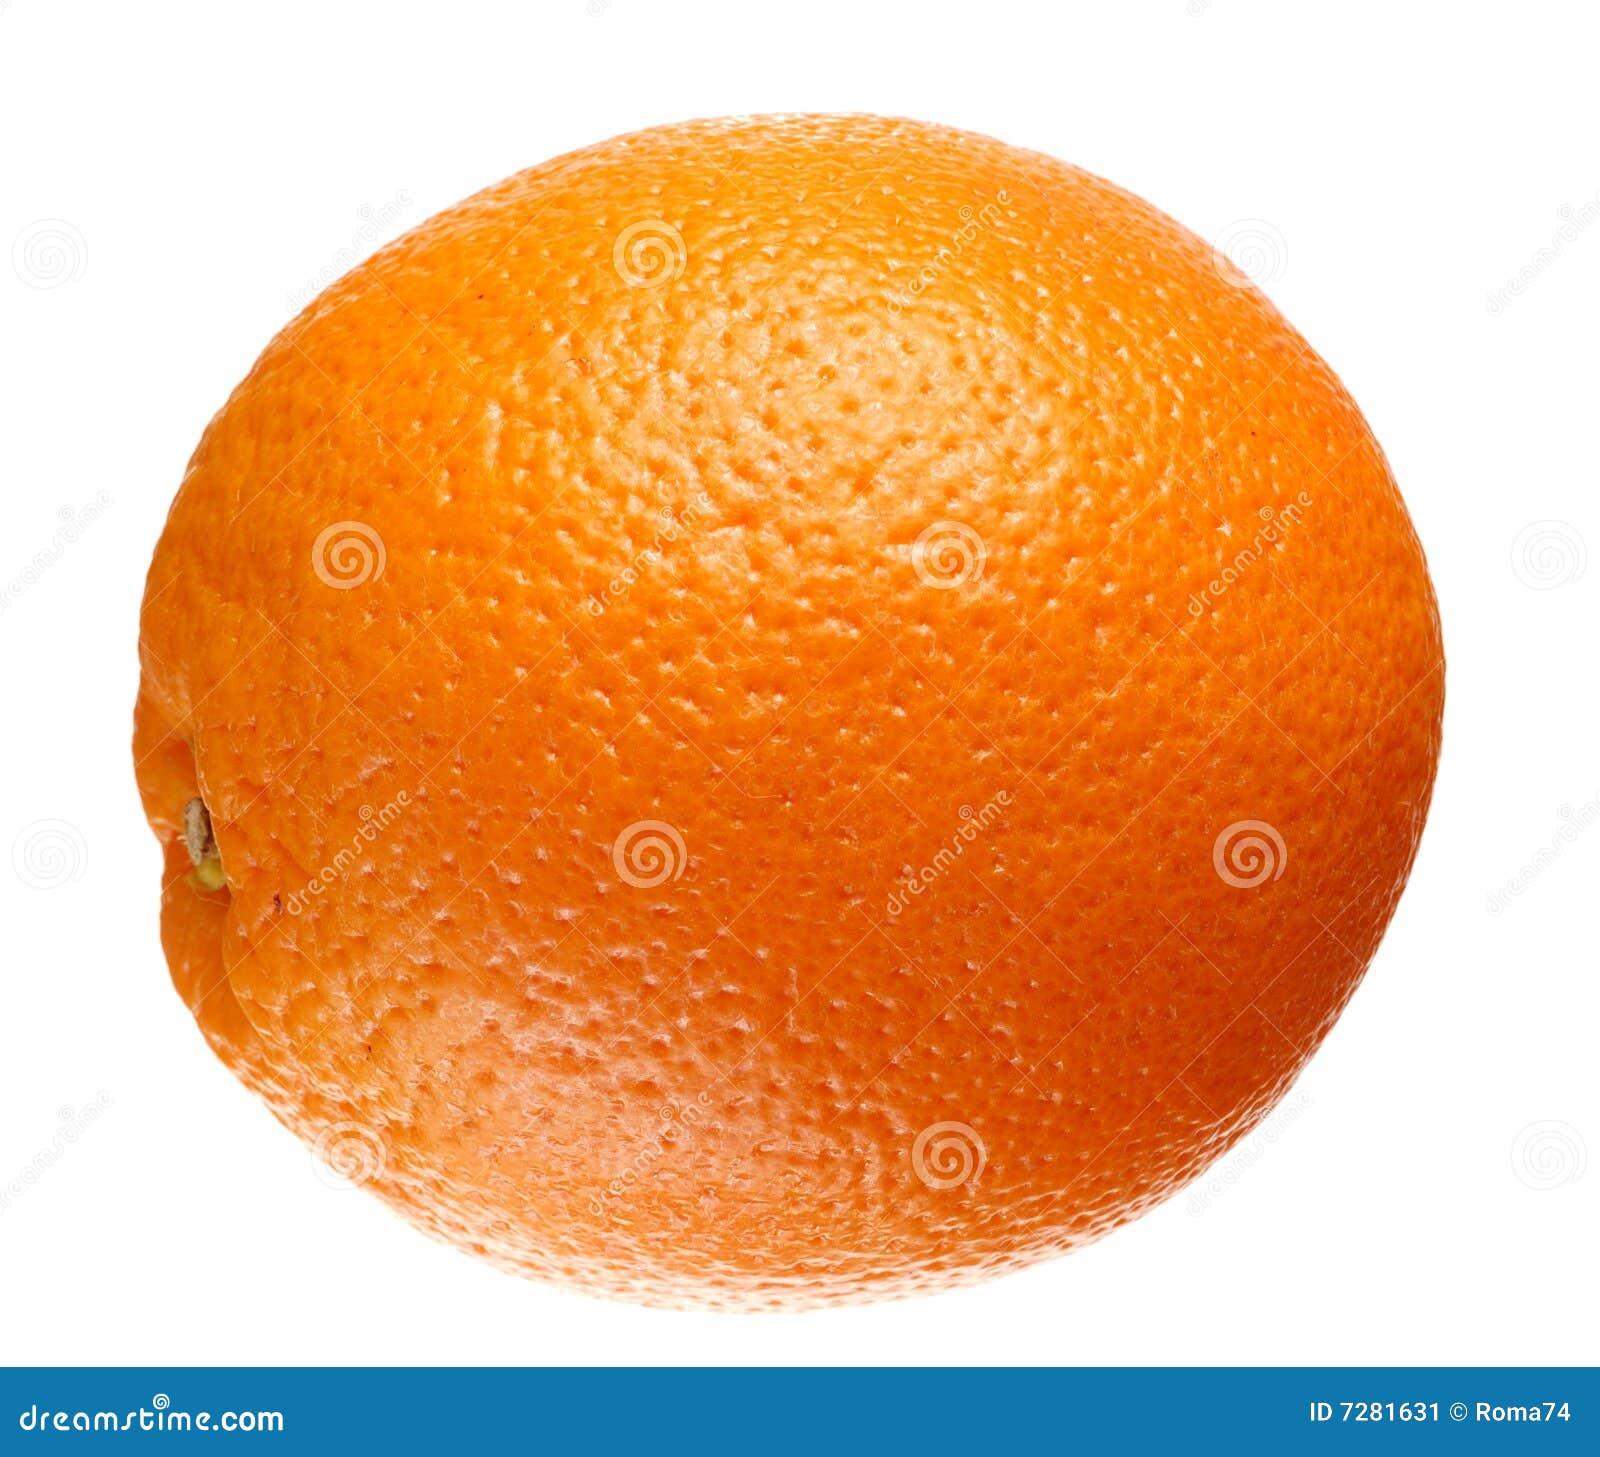 Naranja llena